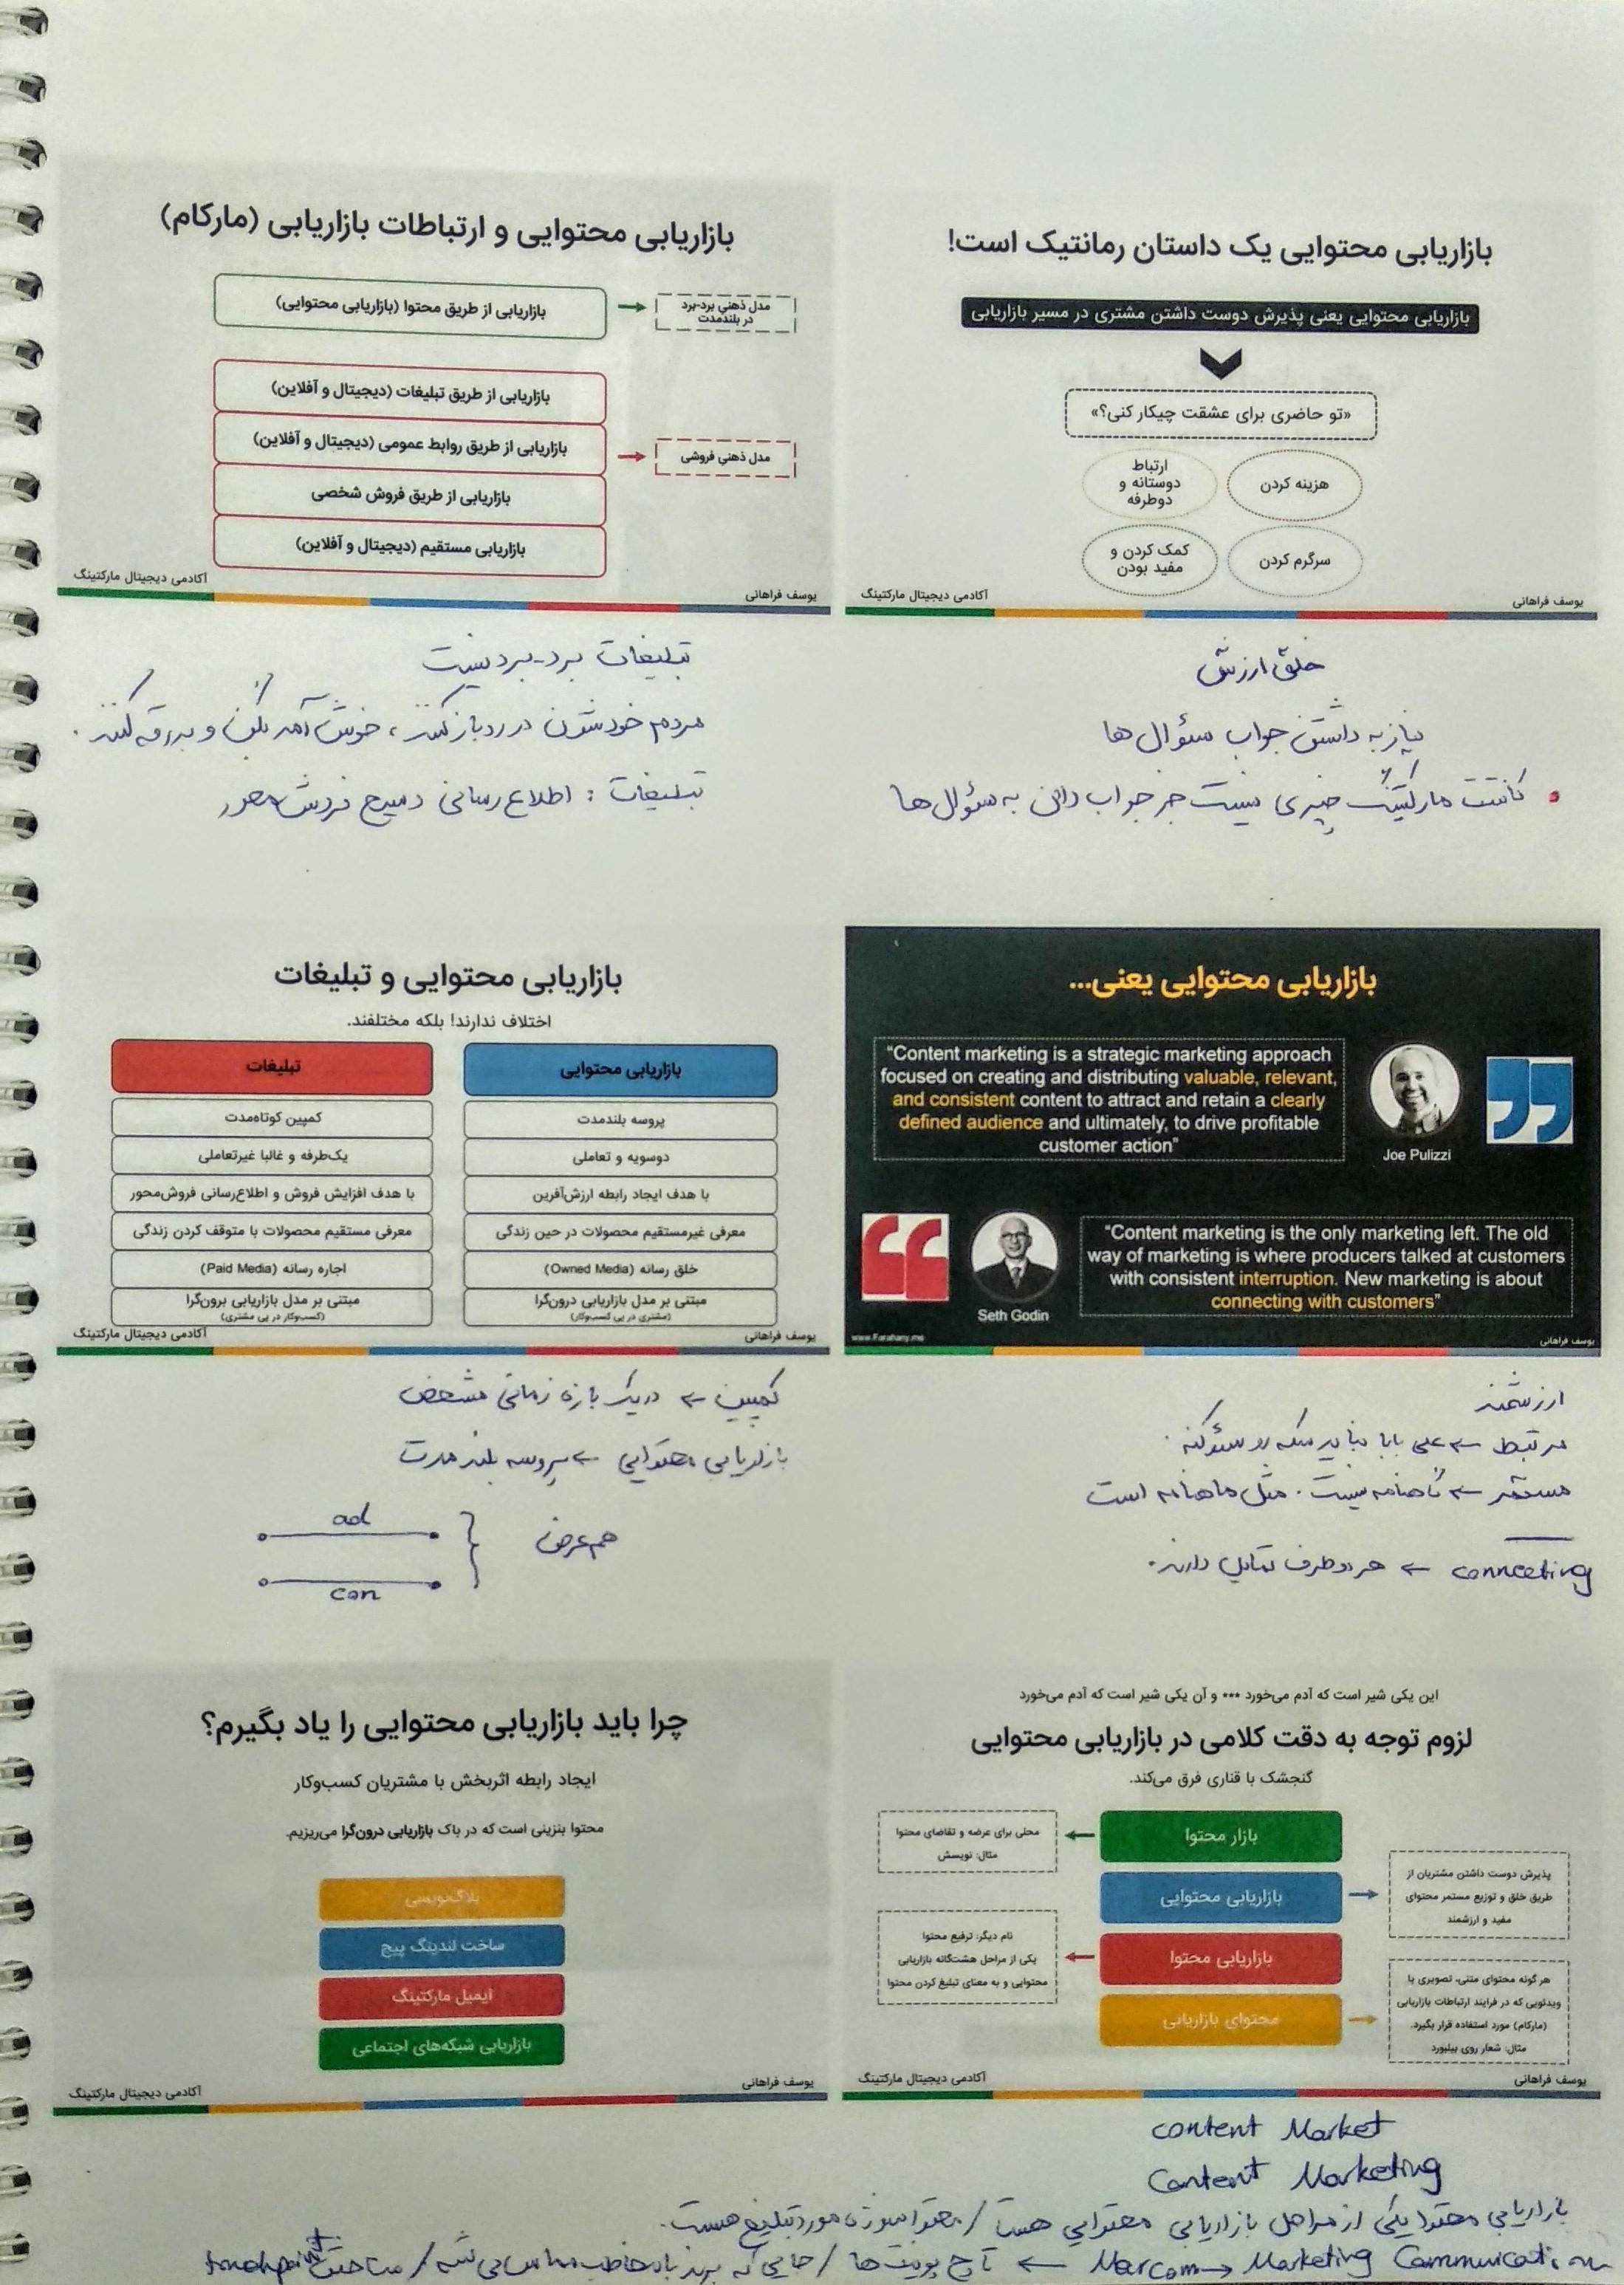 یک صفحه از جزوه دوره بازاریابی محتوایی یوسف فراهانی